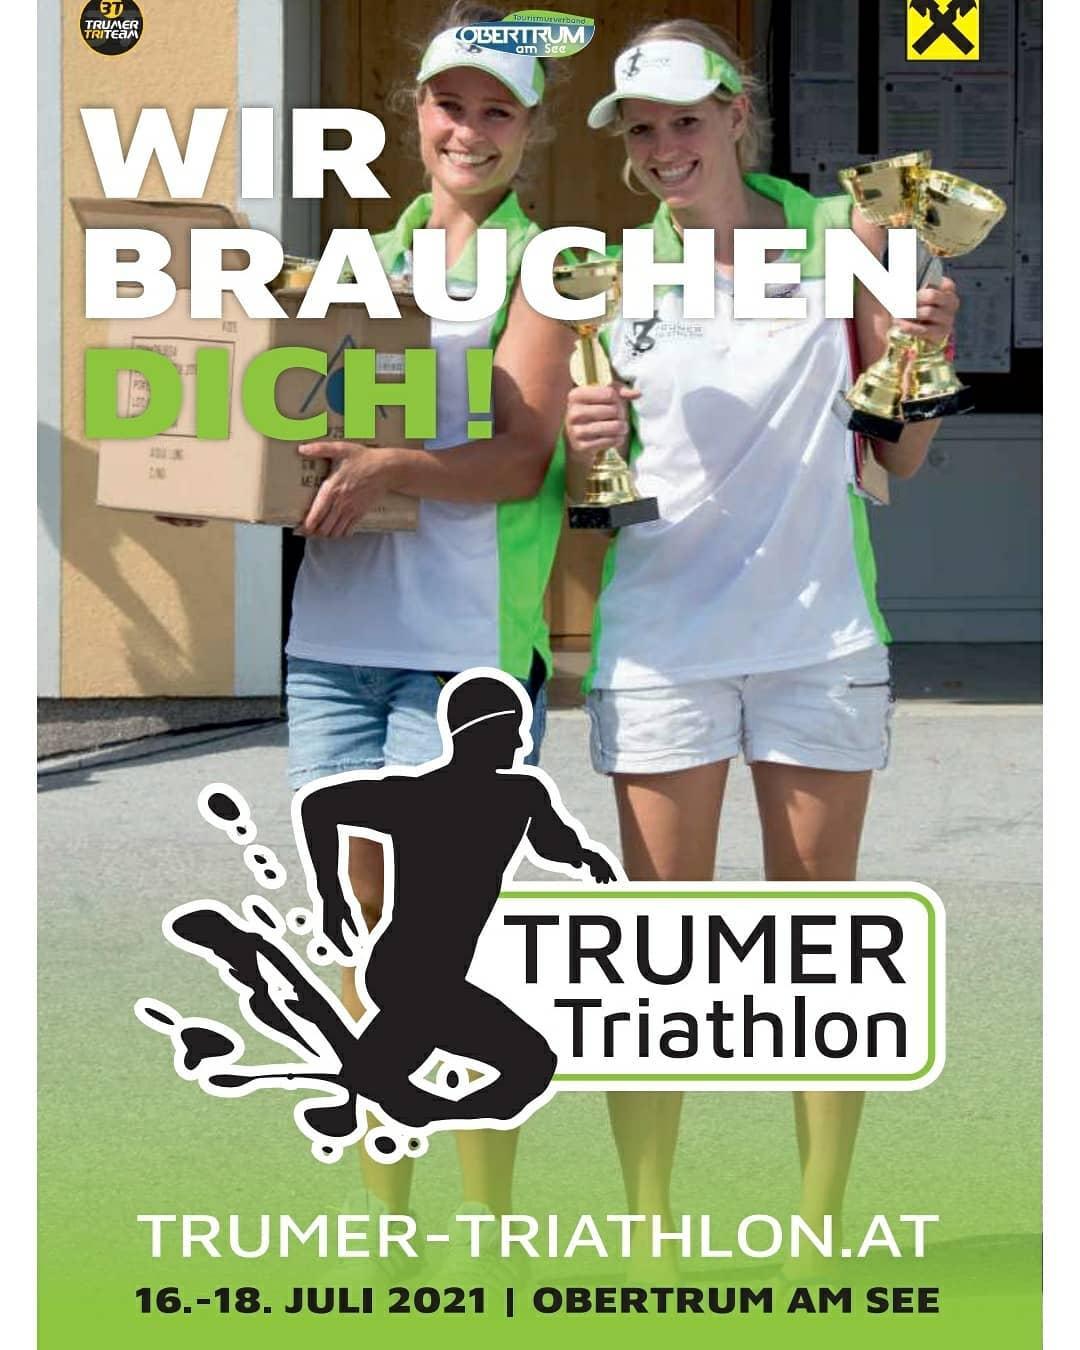 Helfer gesucht - Trumer Triathlon 16.07.-18.07.2021